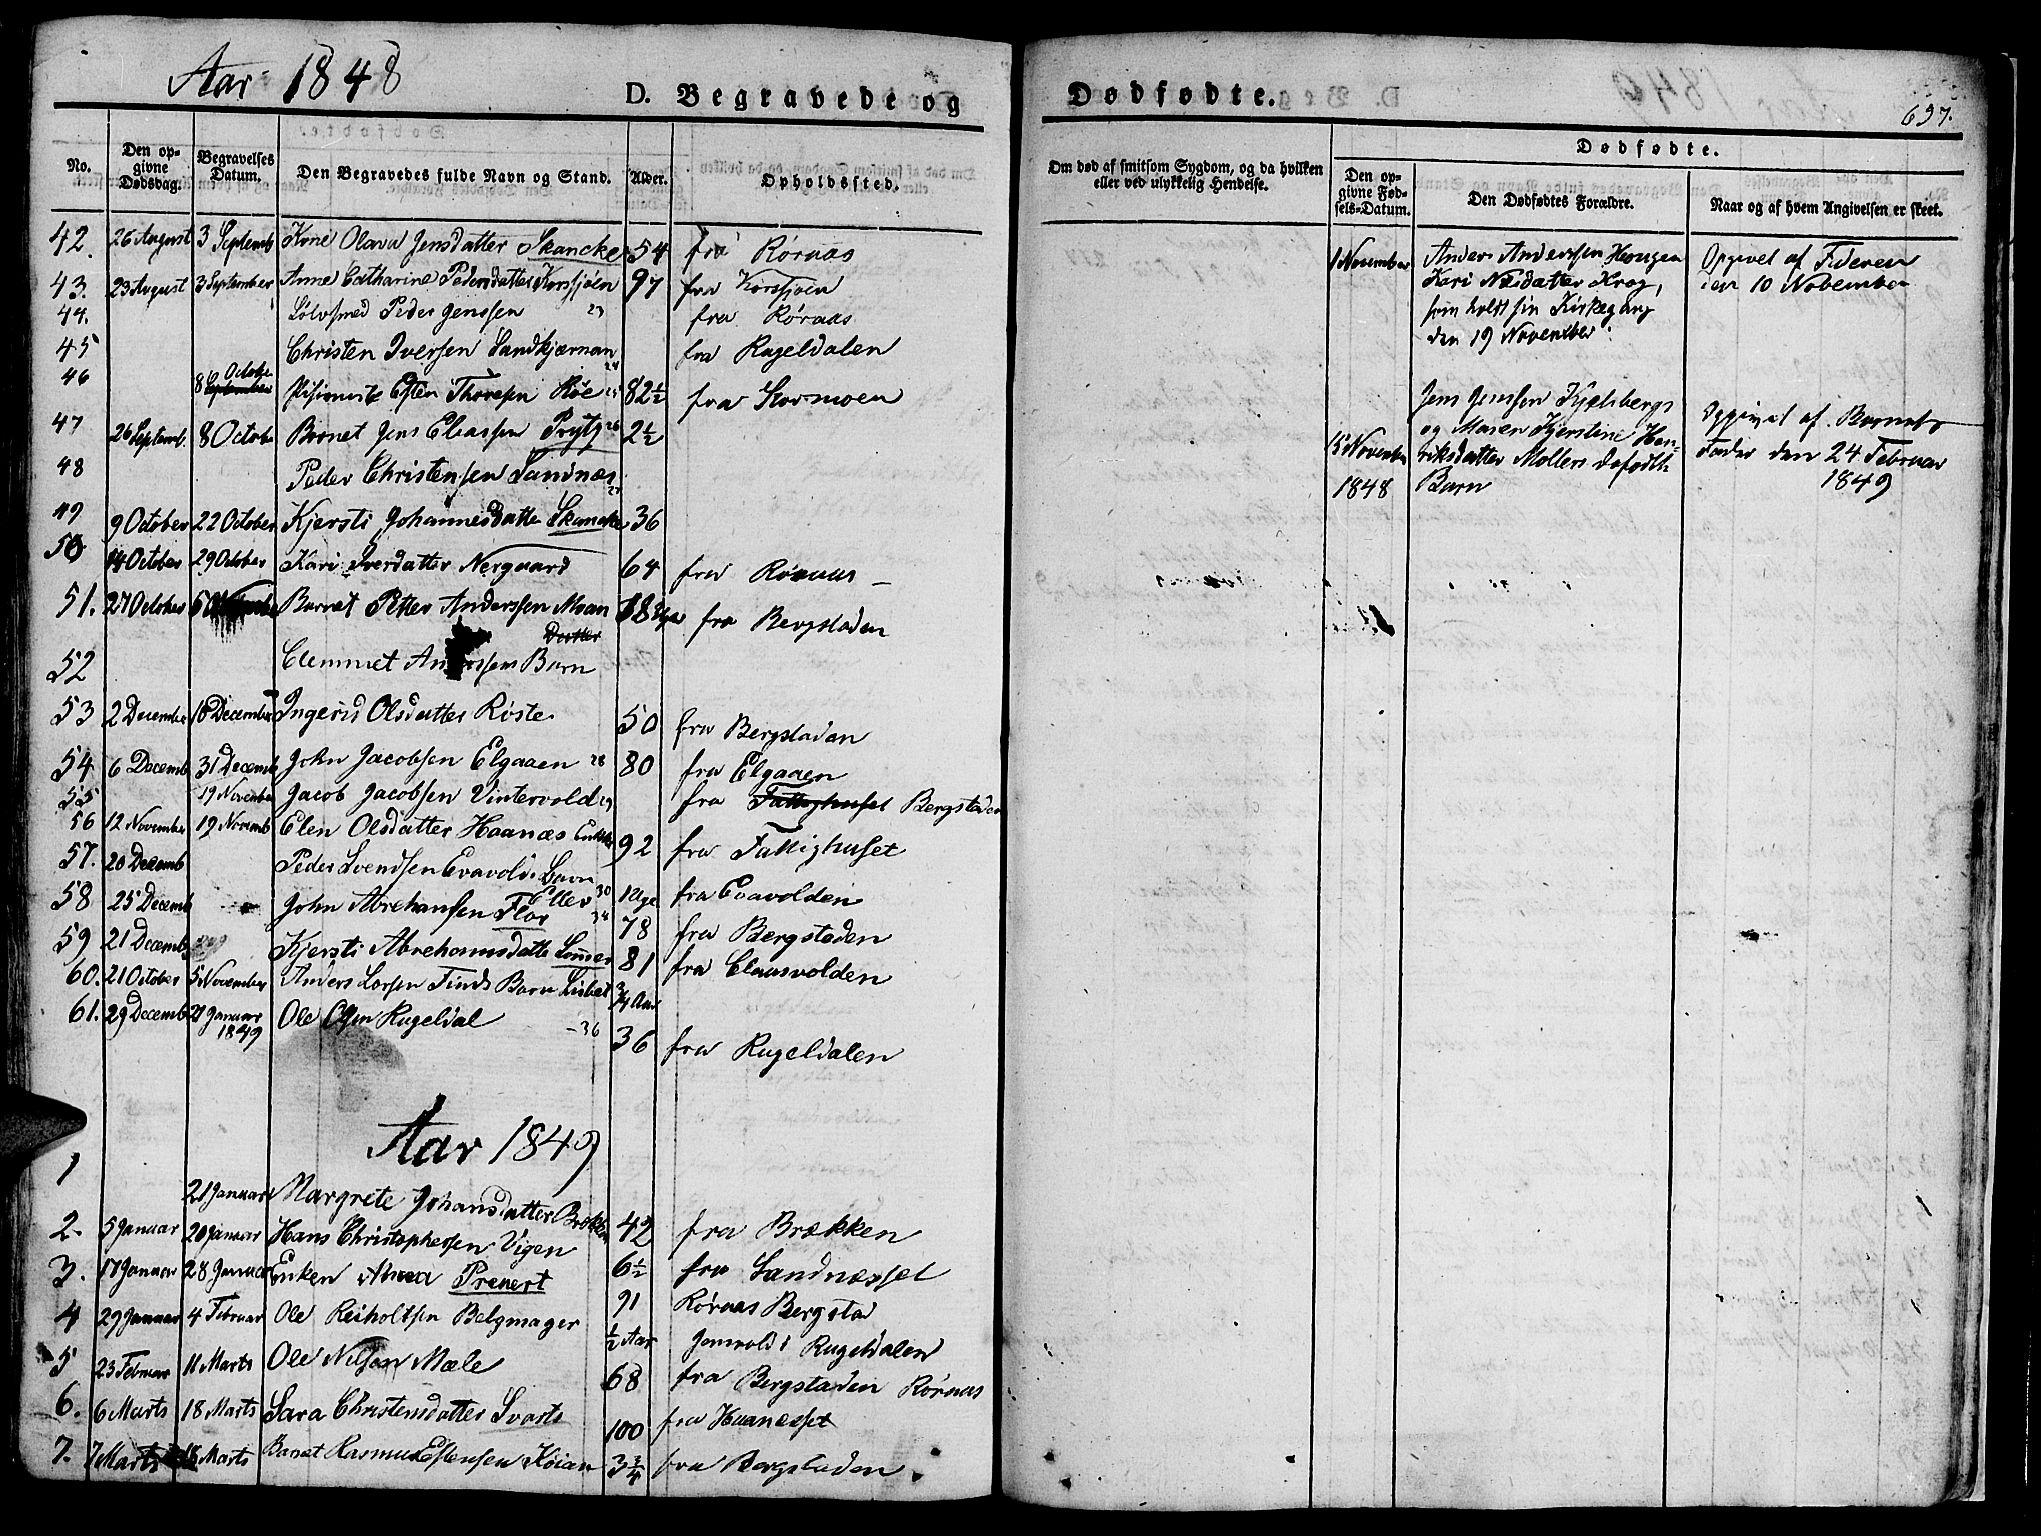 SAT, Ministerialprotokoller, klokkerbøker og fødselsregistre - Sør-Trøndelag, 681/L0939: Klokkerbok nr. 681C03, 1829-1855, s. 657